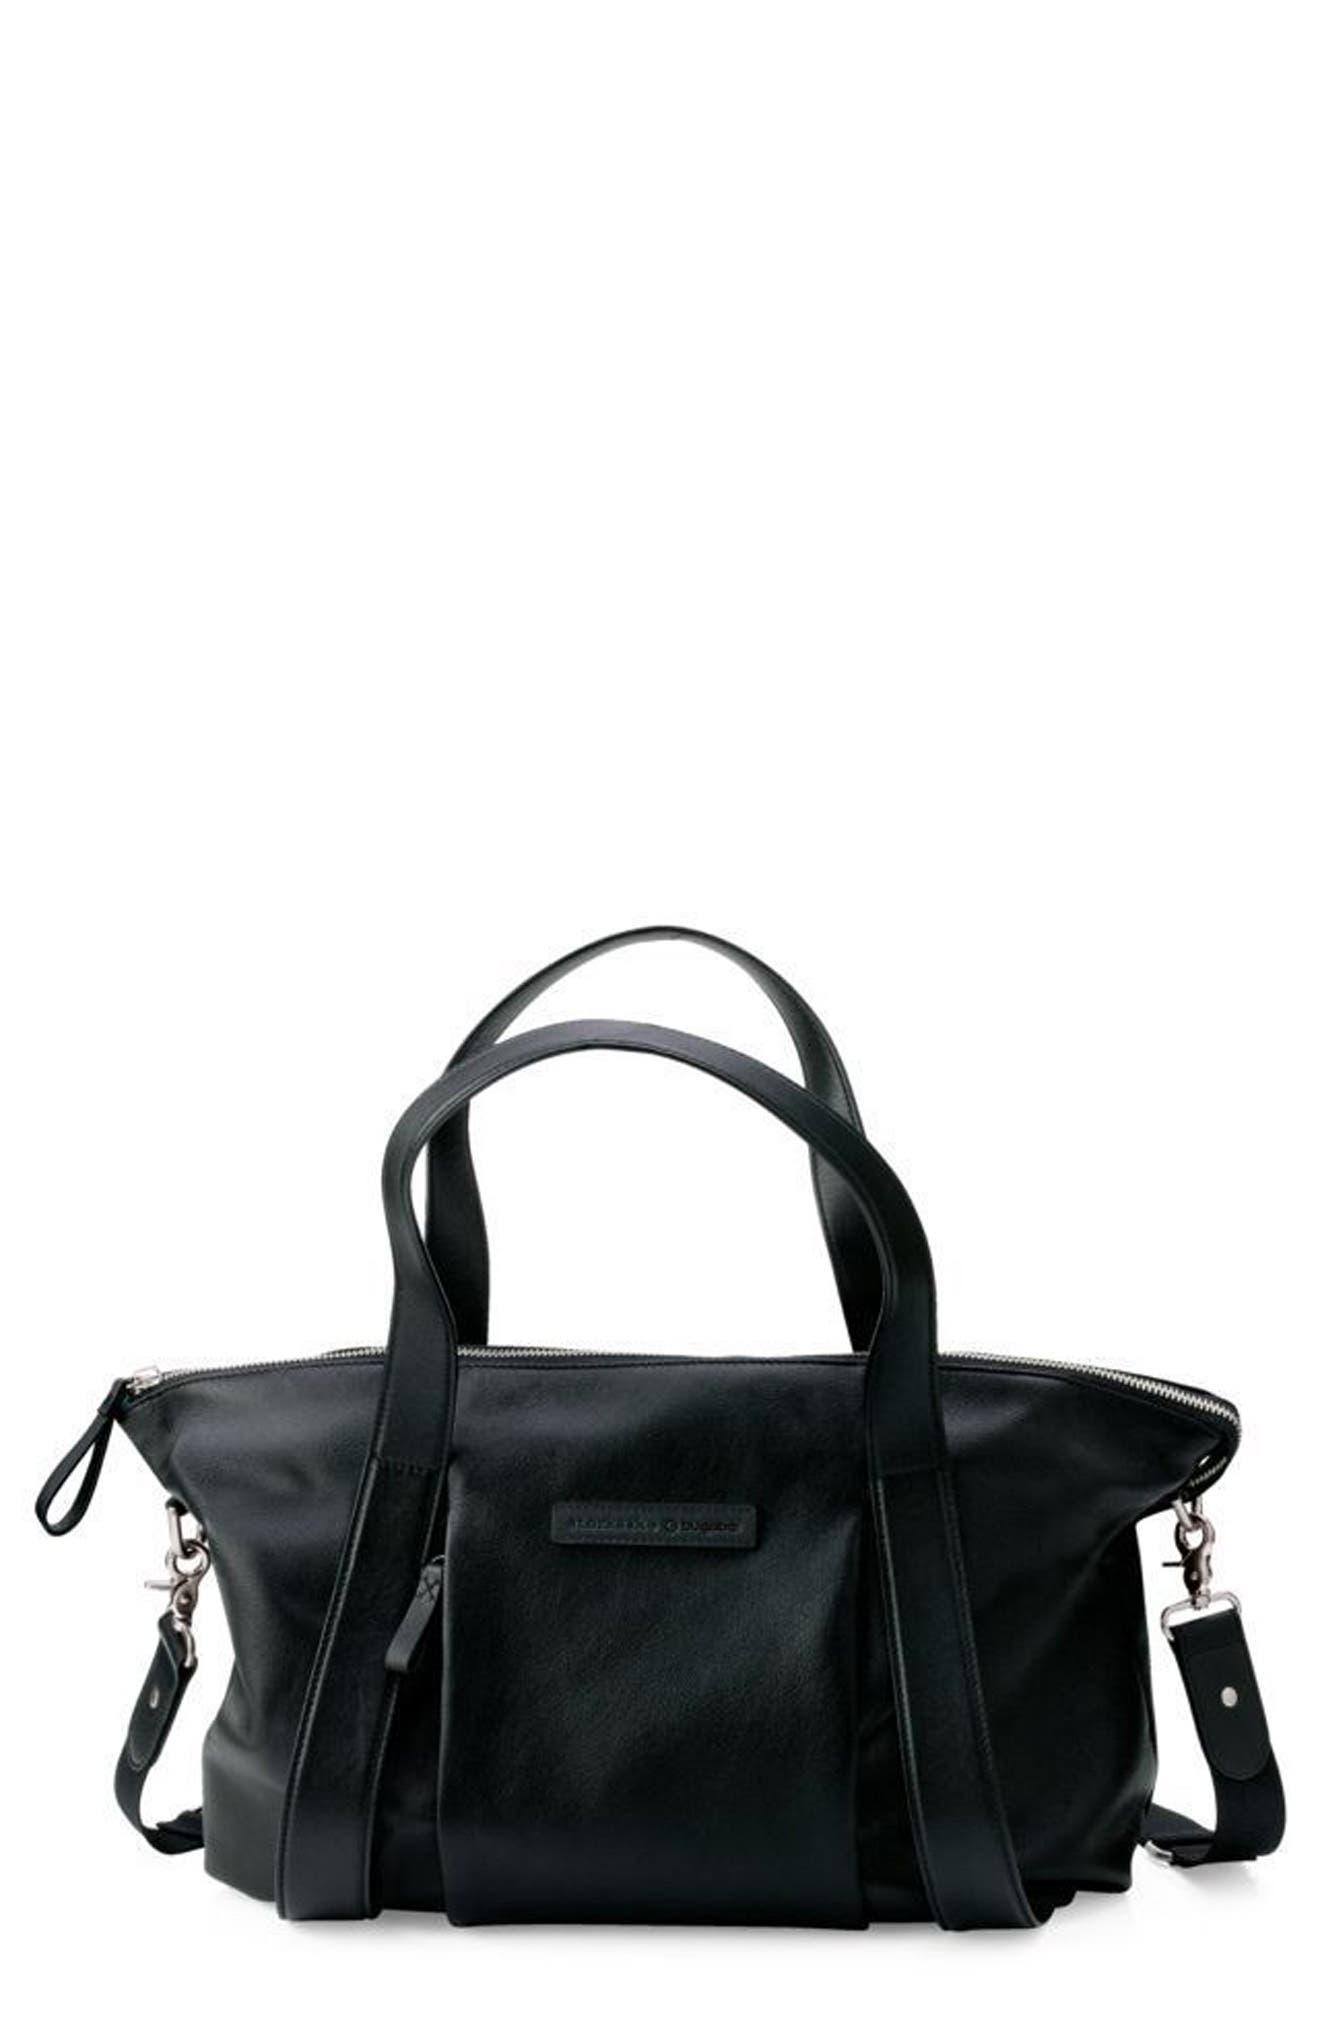 x Storksak Leather Diaper Tote Bag,                         Main,                         color, Black